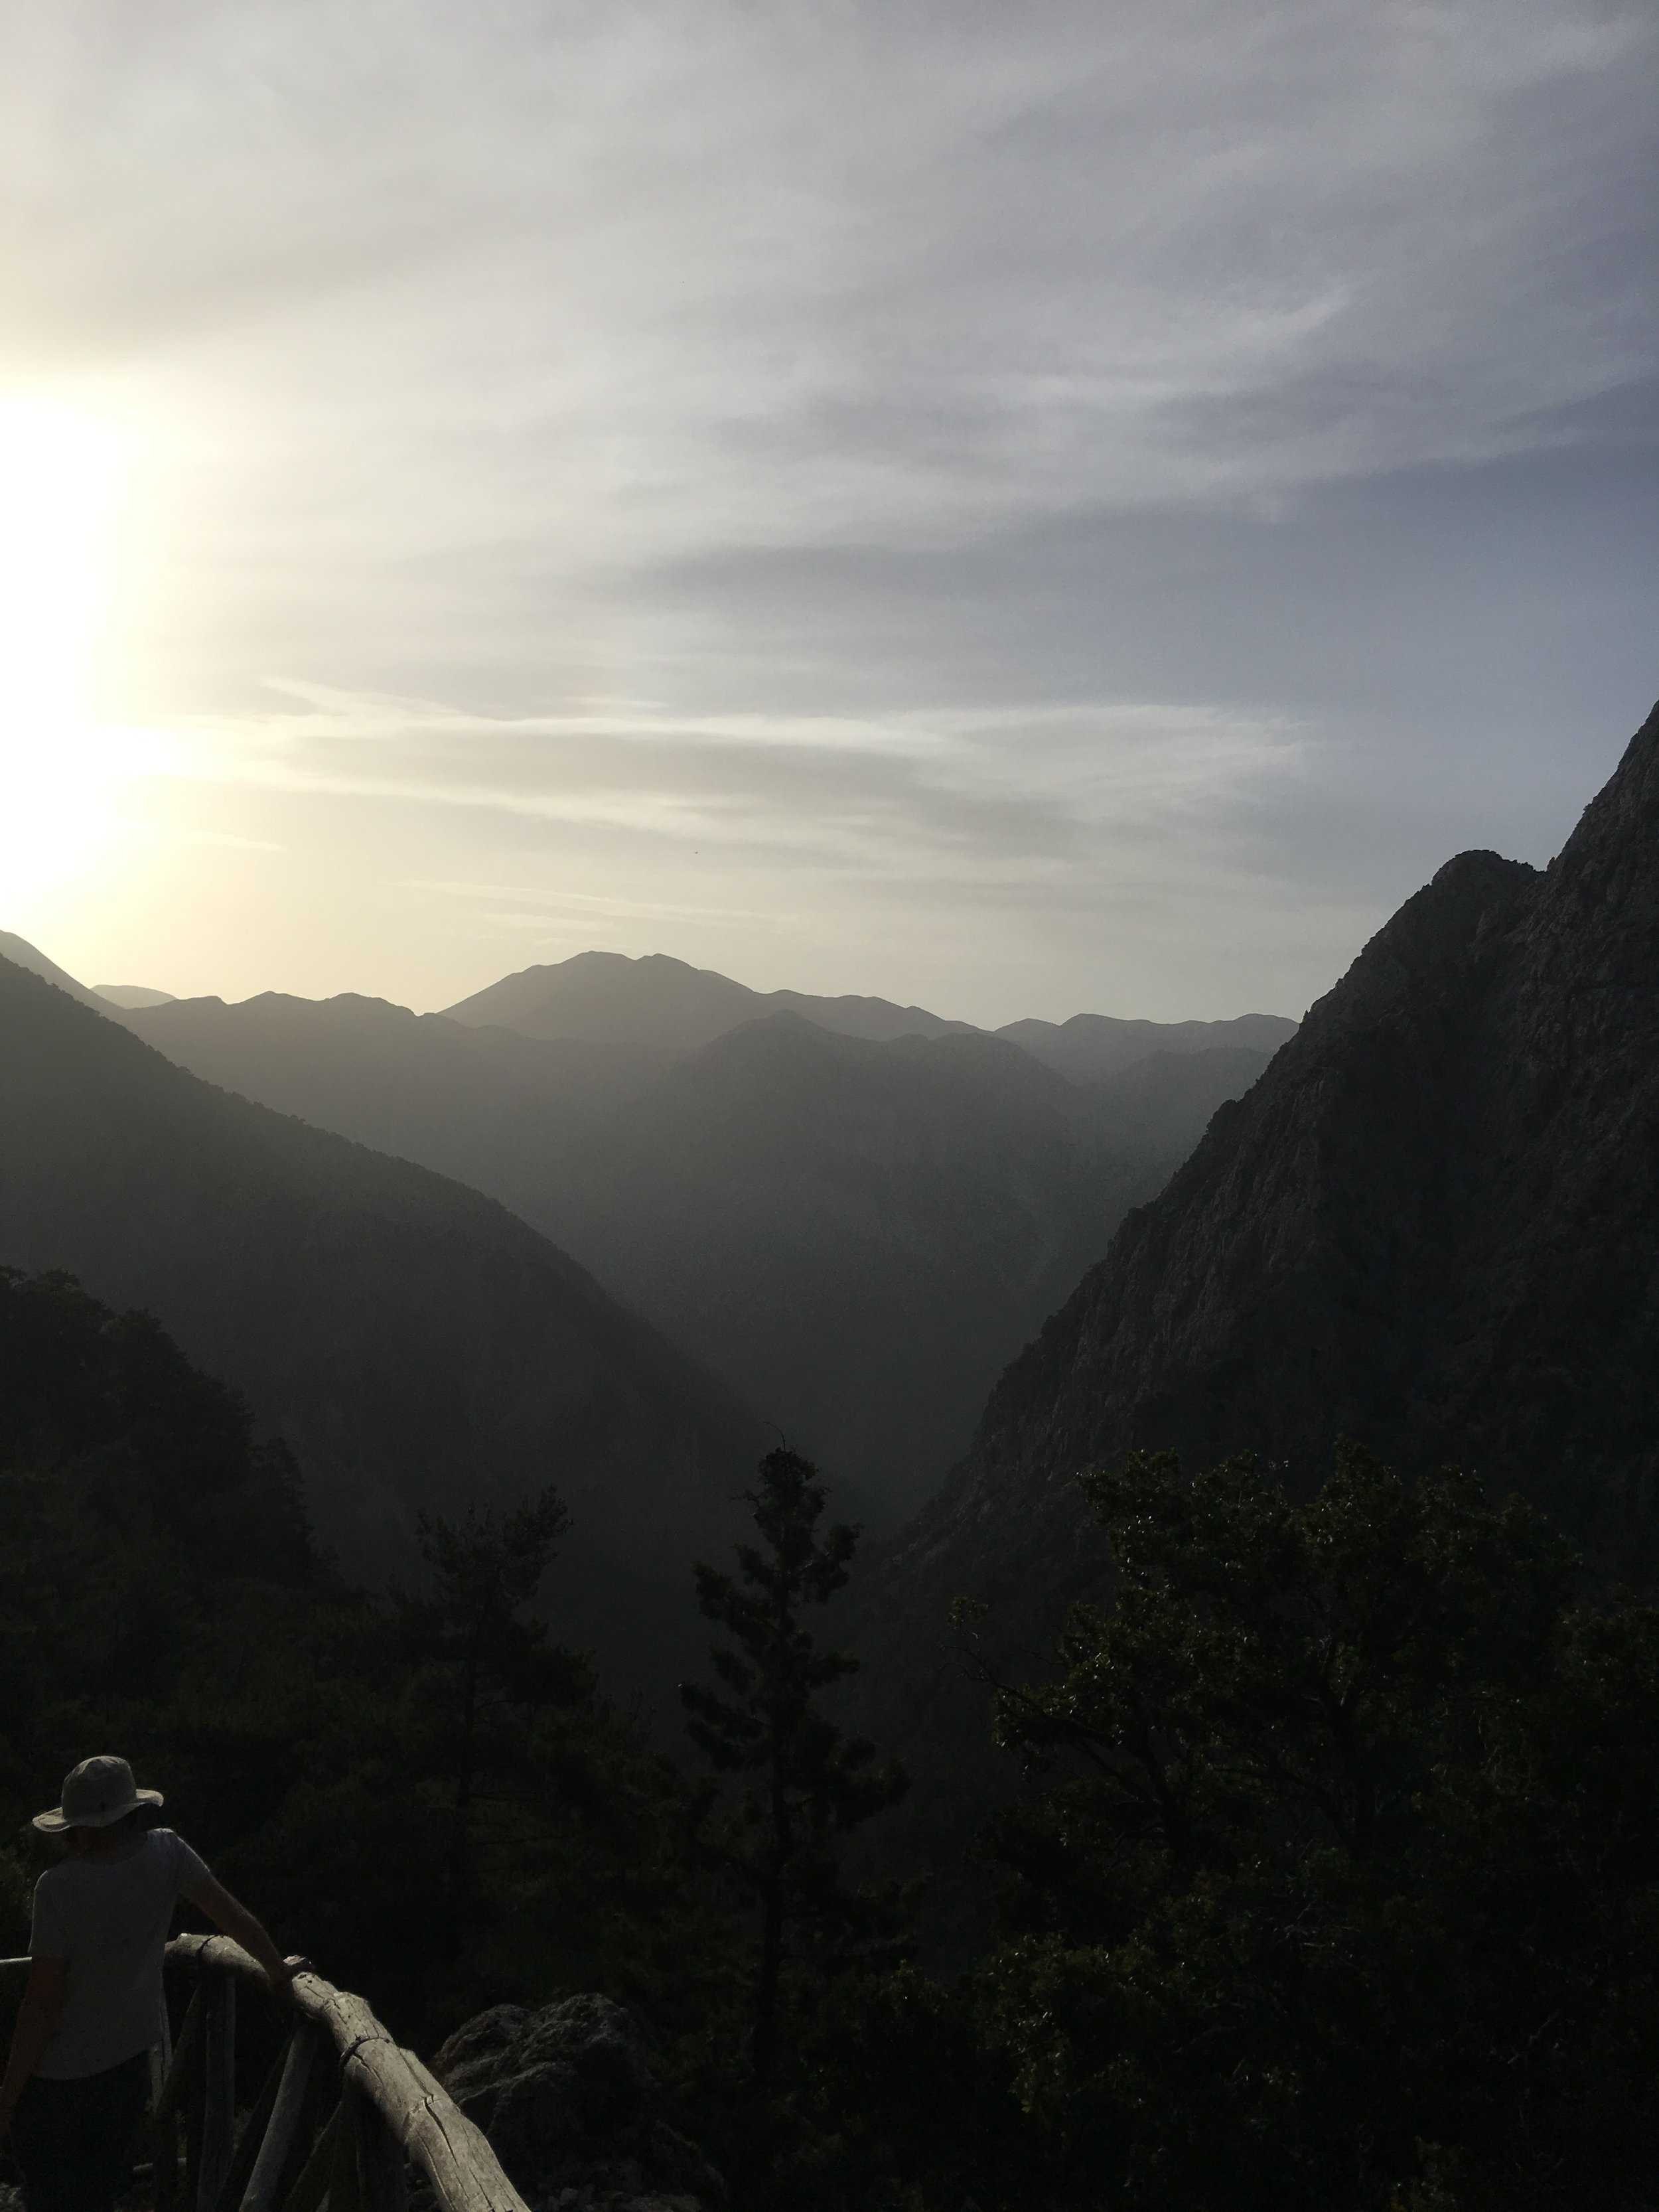 Sunrise over the Samaria Gorge